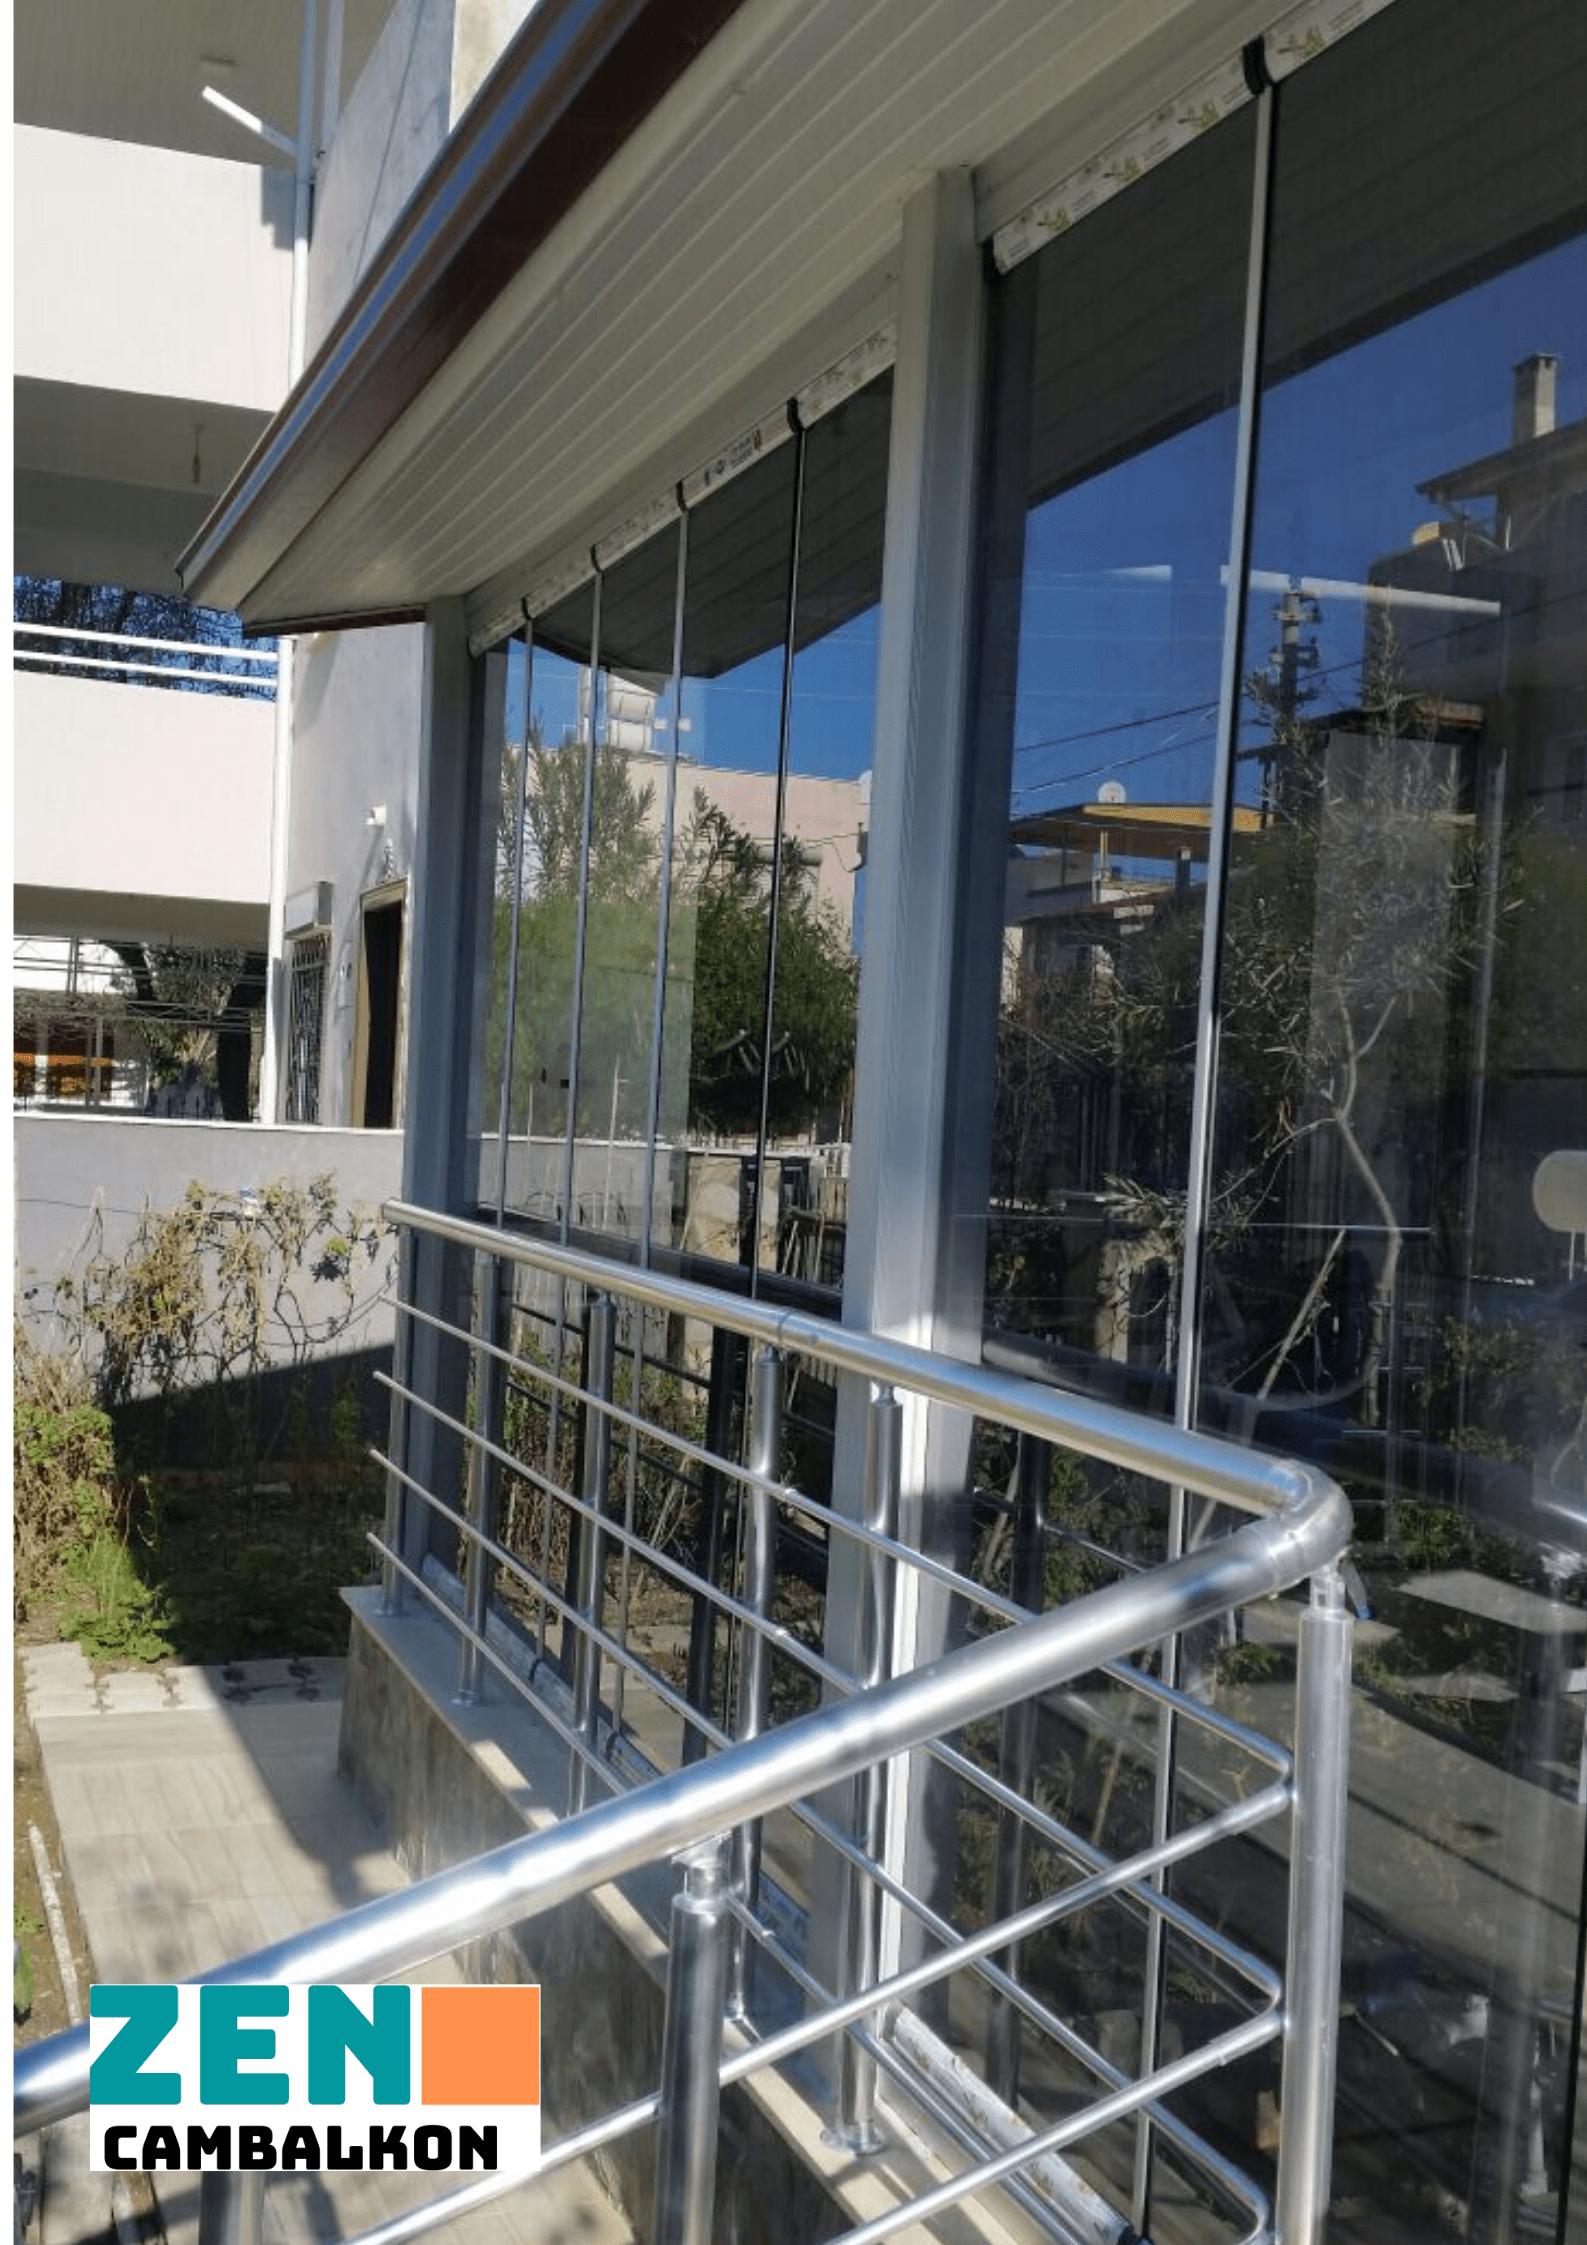 cam balkon önü küpeşte nasıl yapılır